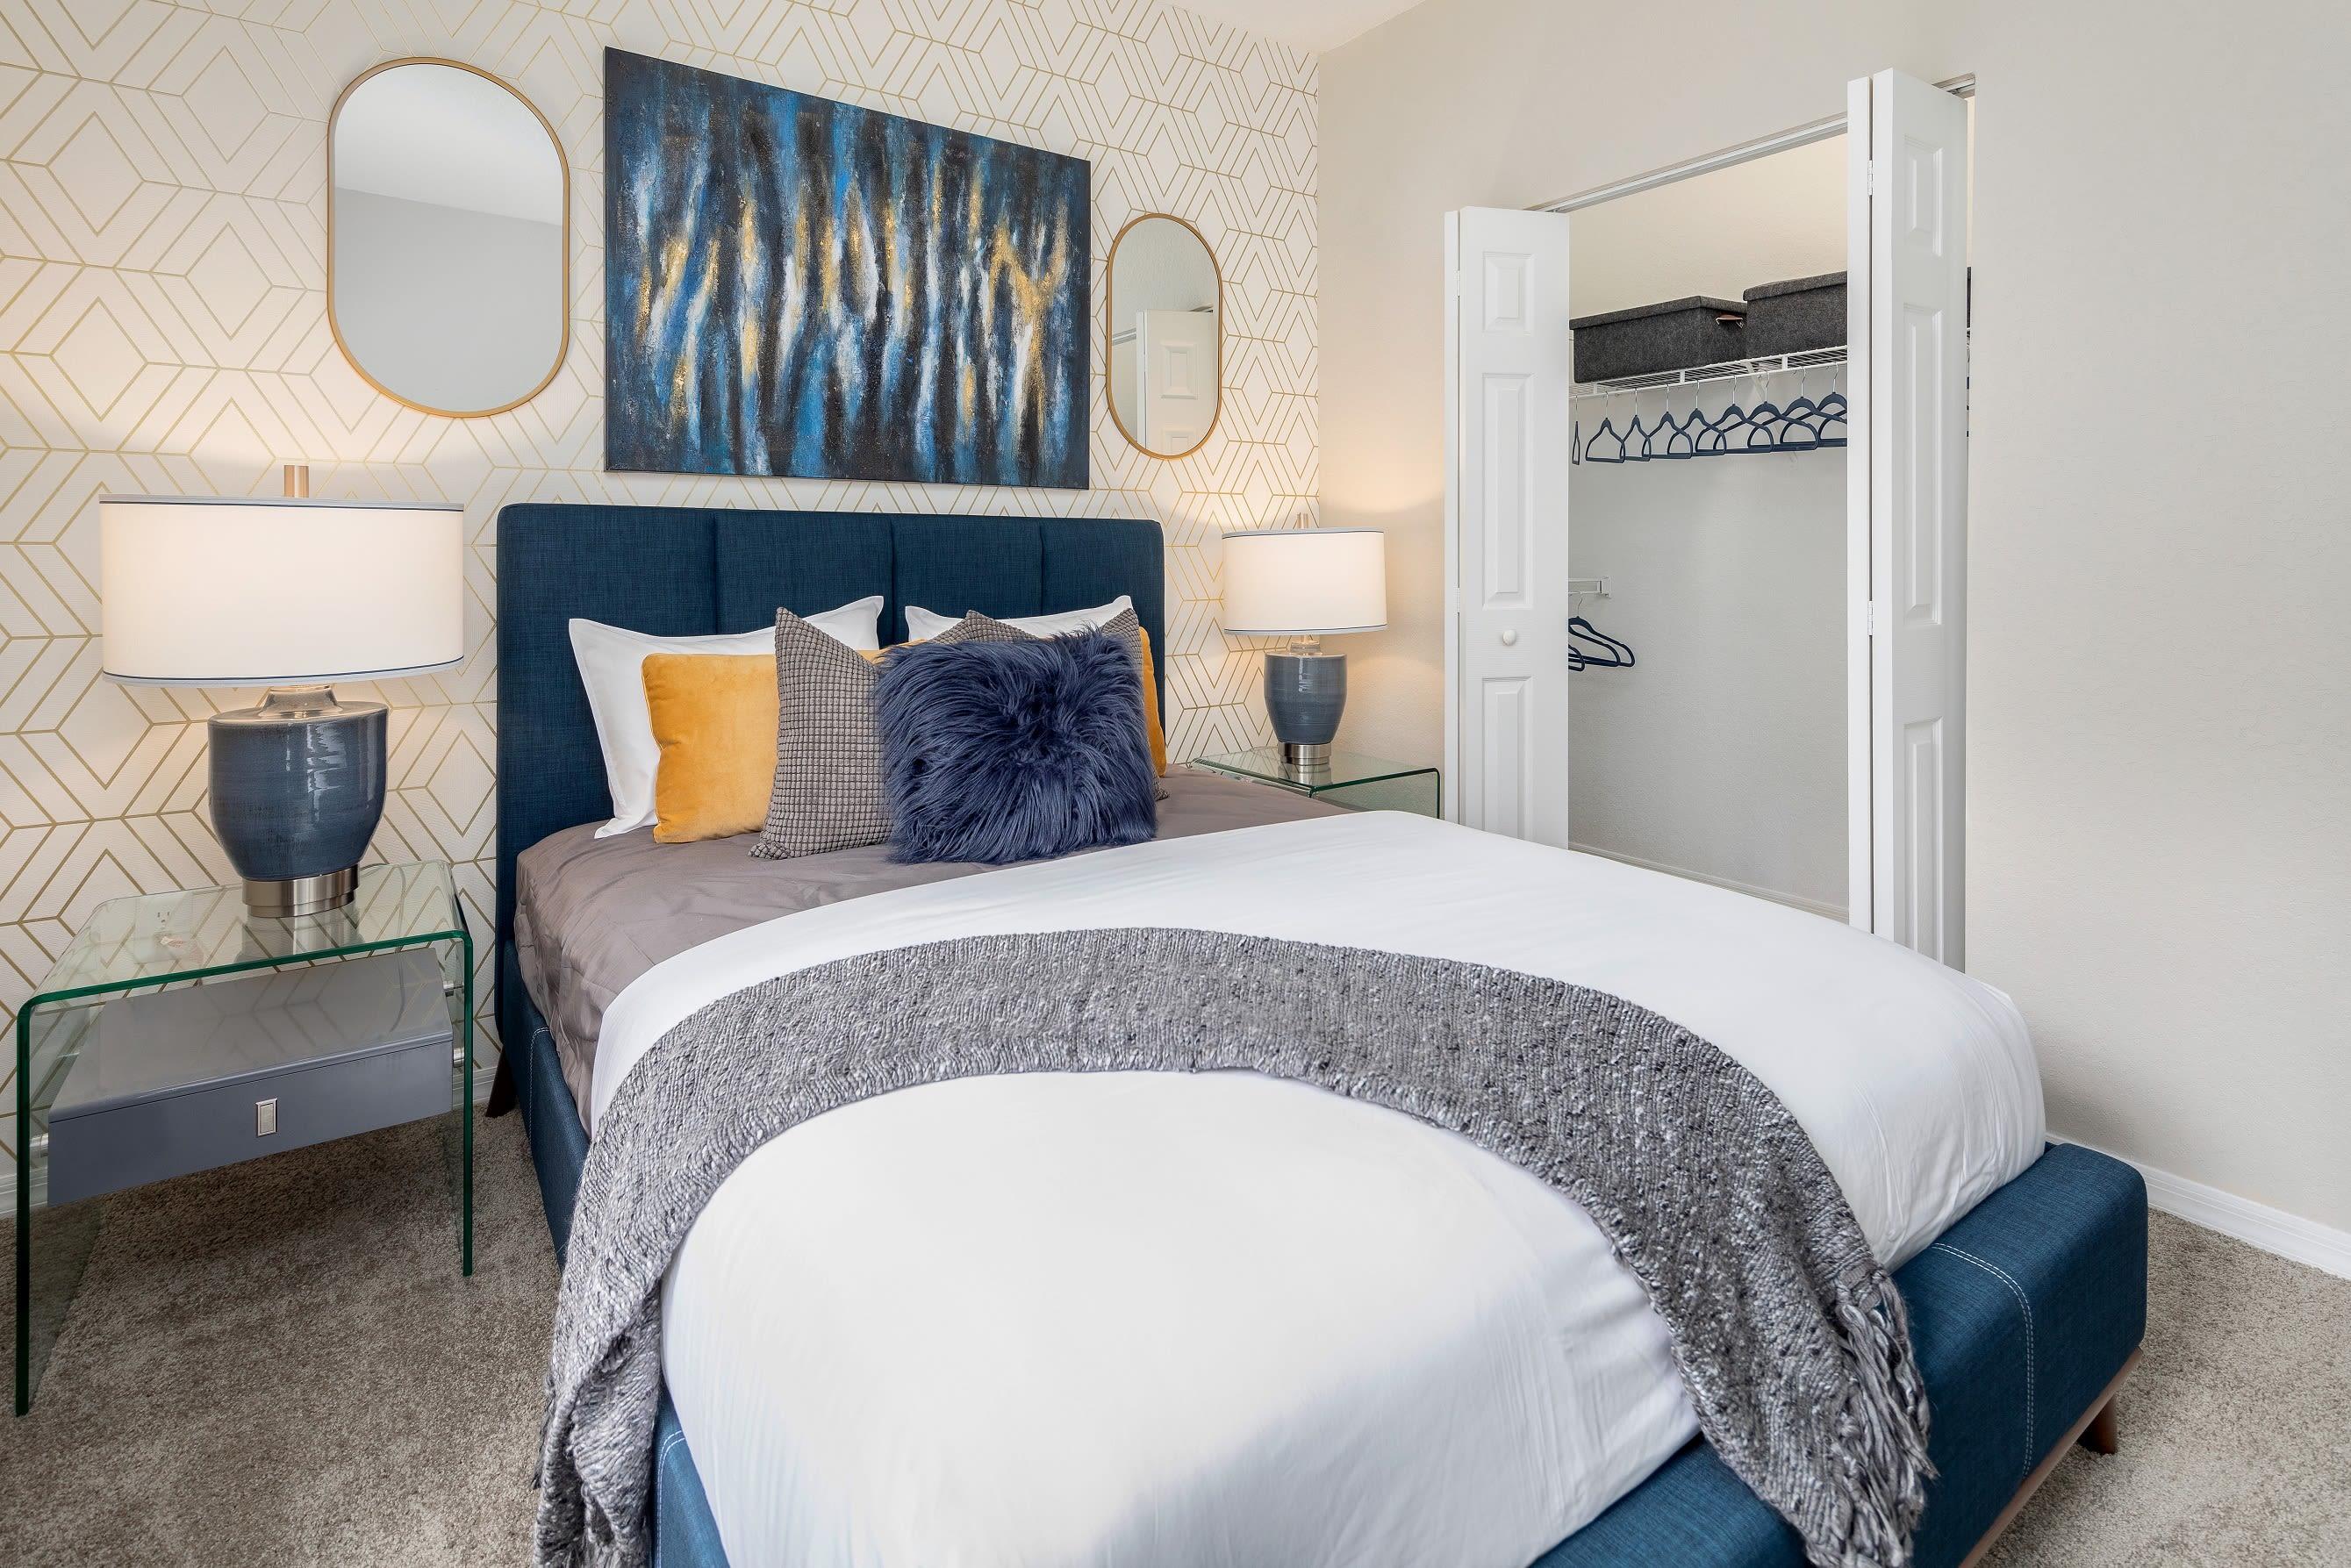 Model bedroom at Mezza in Jacksonville, Florida